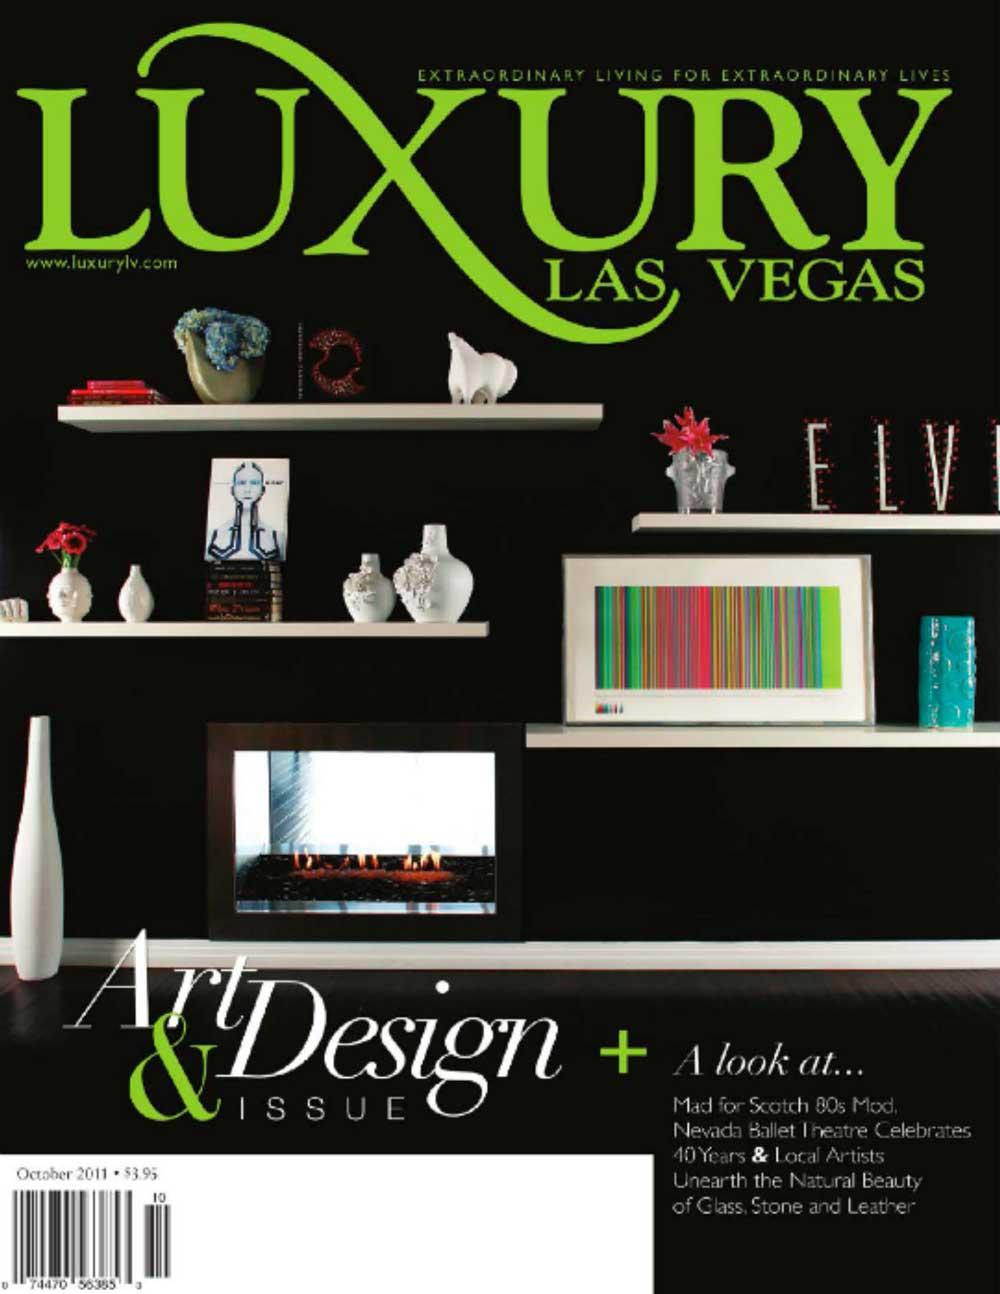 Luxury Magazine October 1st 2011 featuring Dorit Schwartz Sculptor